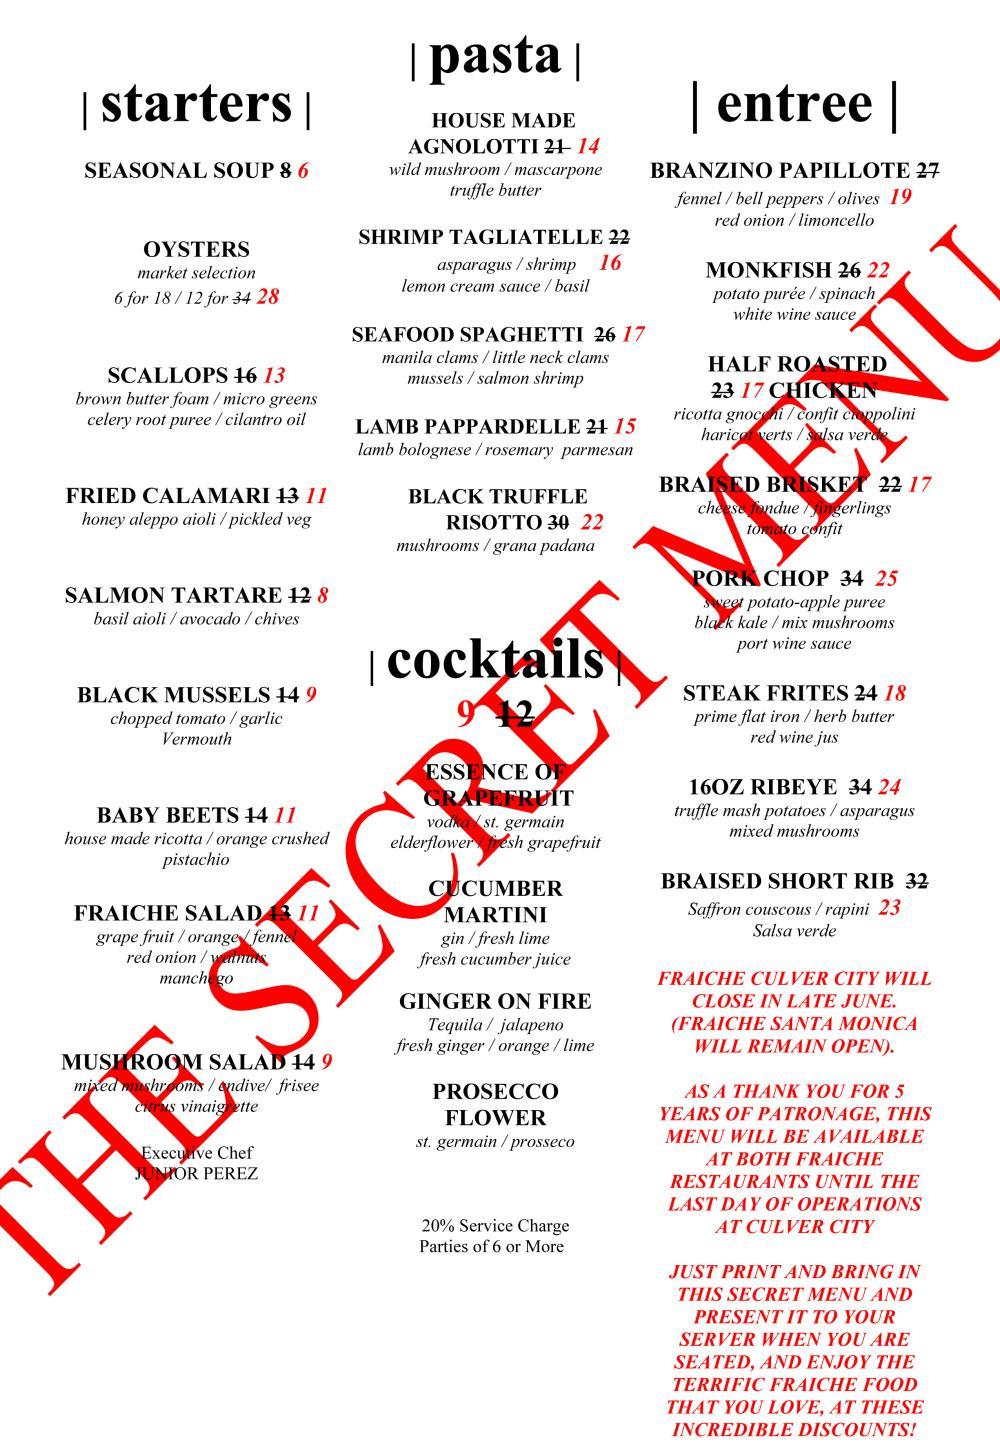 Culver City Fraîche to Close, Launches Secret Menu Los Angeles Magazine